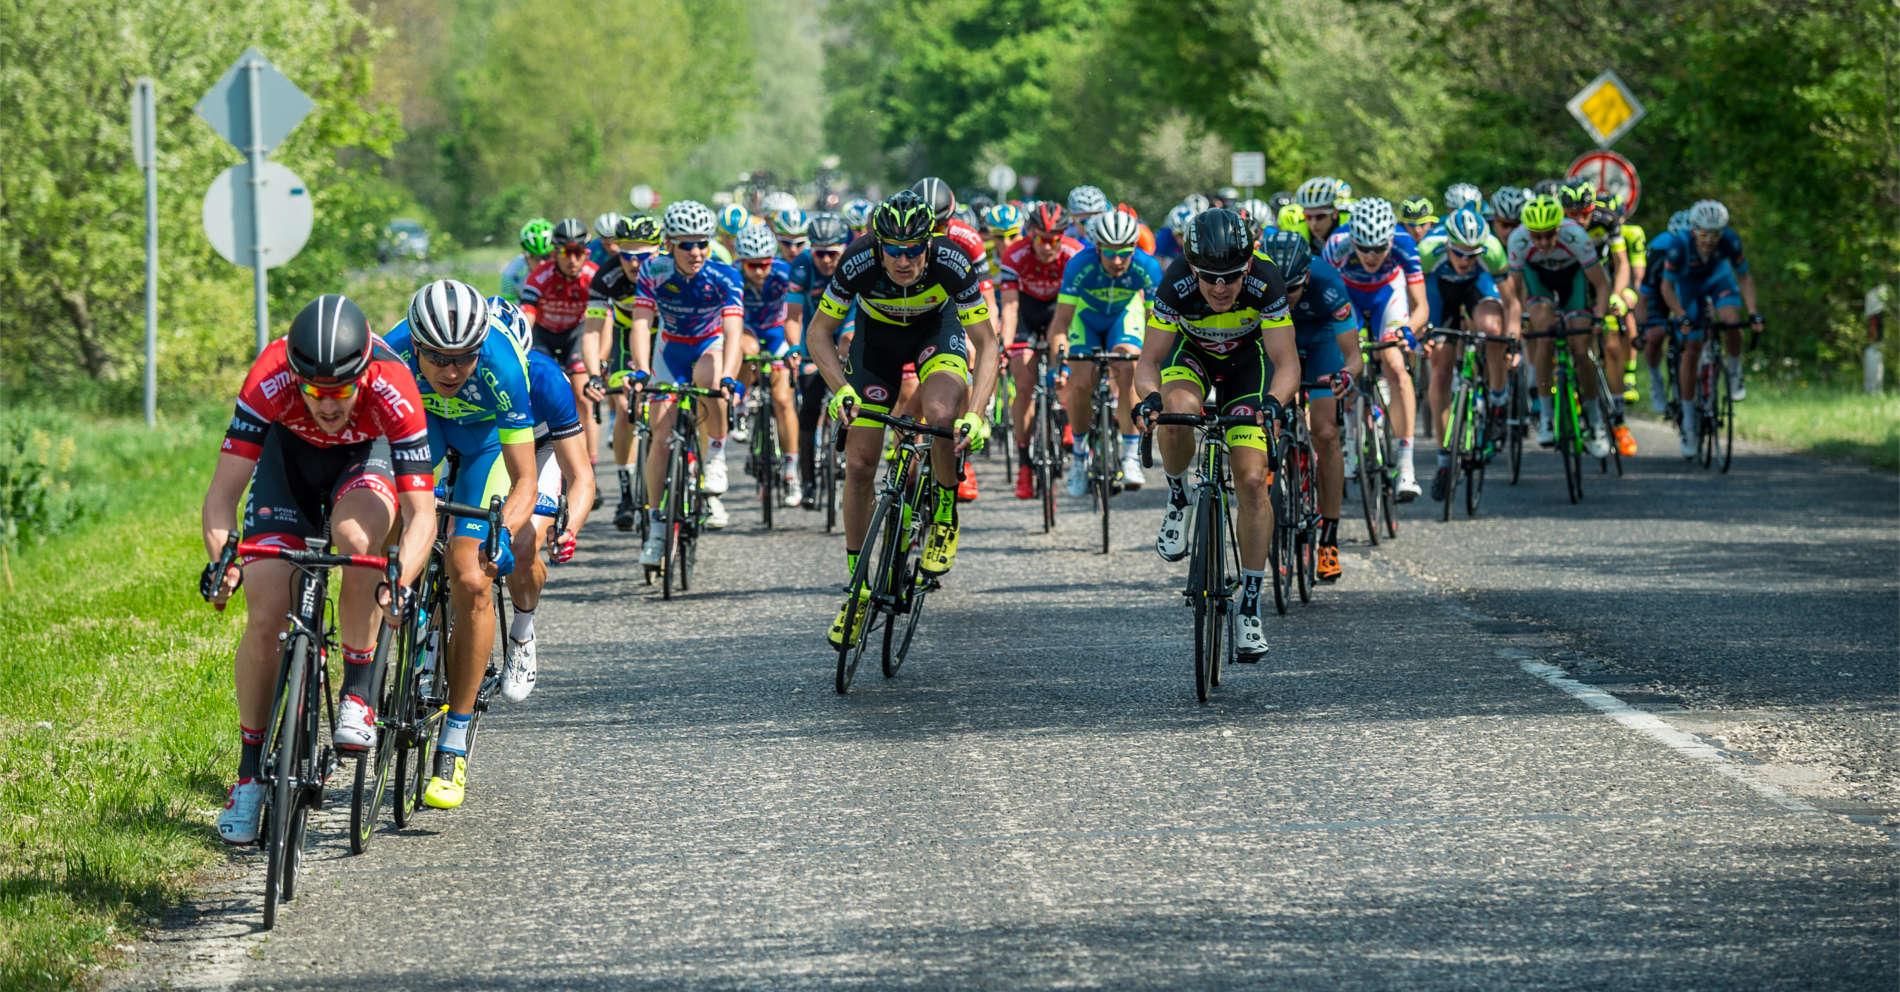 2016 - Visegrád 4 Kerékpárverseny